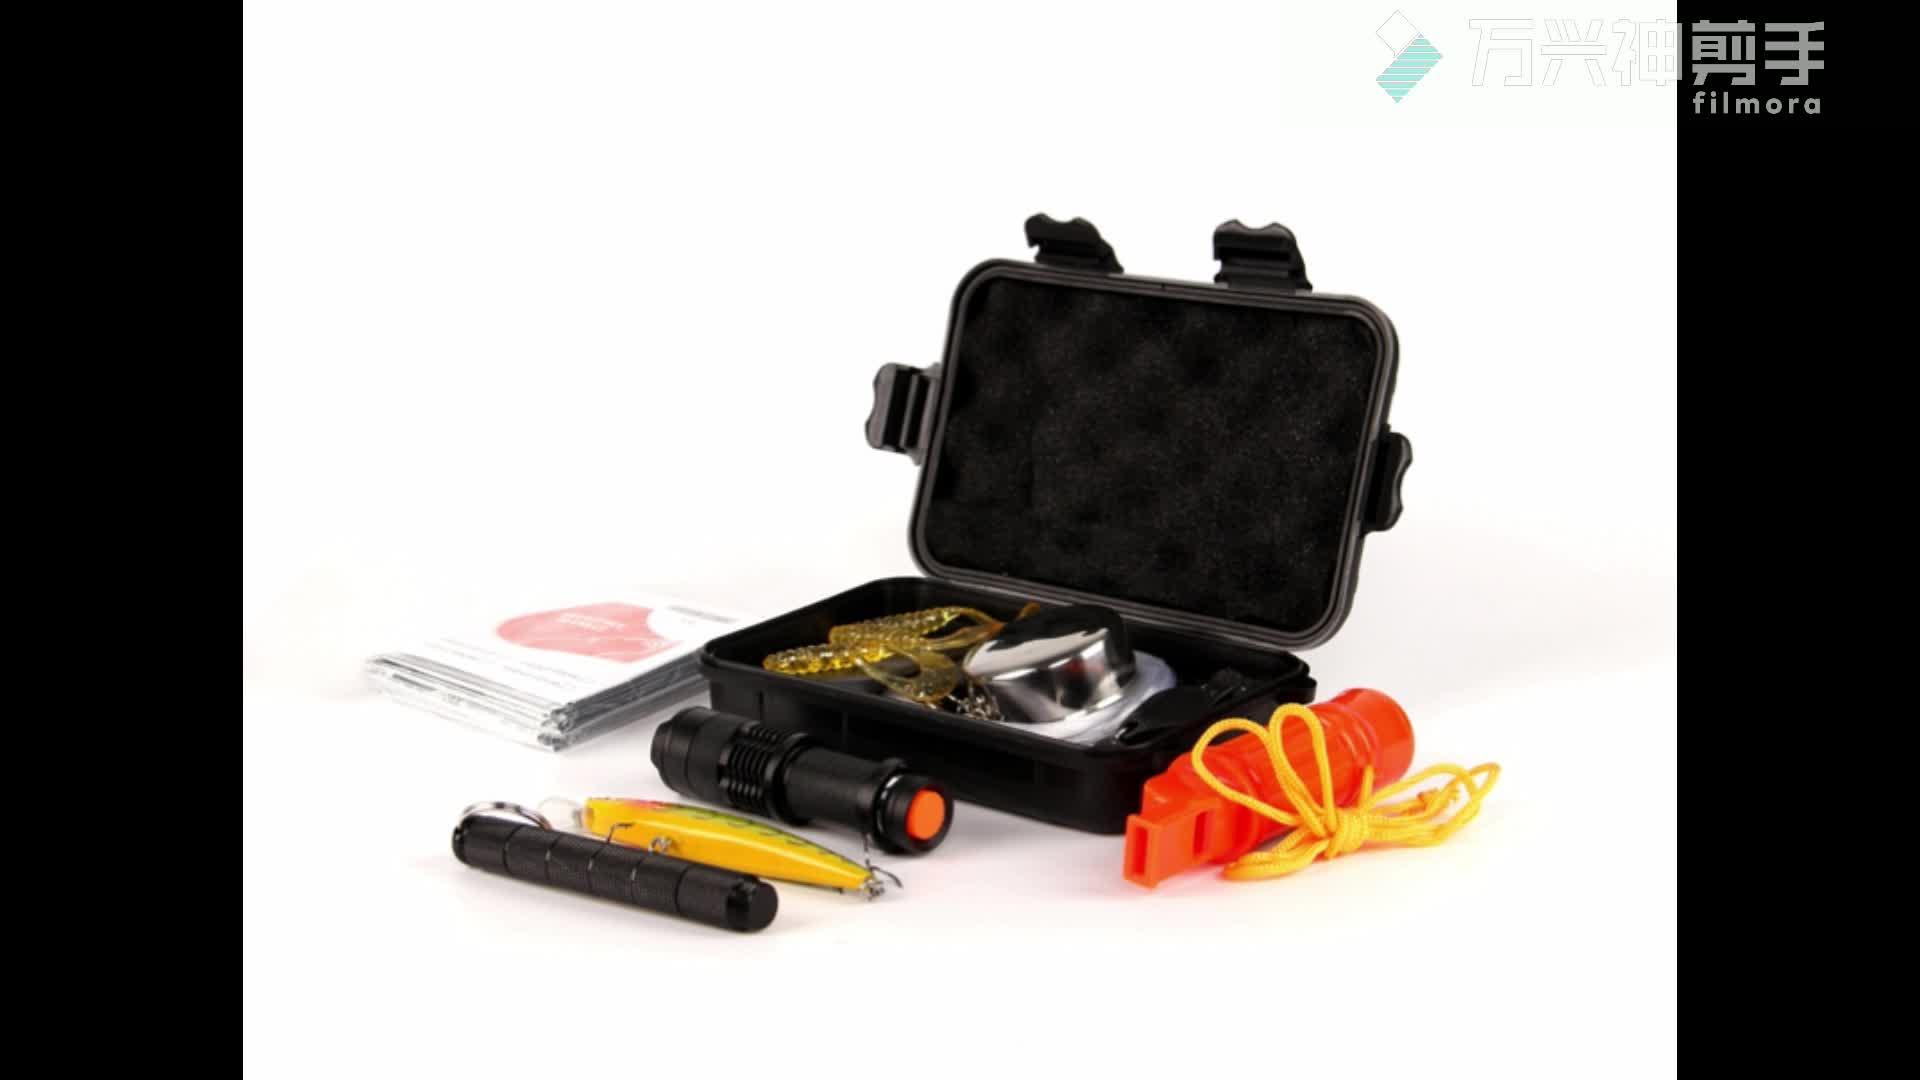 15 1 비상 생존 기어 키트, 고품질 가제트 생존 키트 시계, 화재 스타터 등